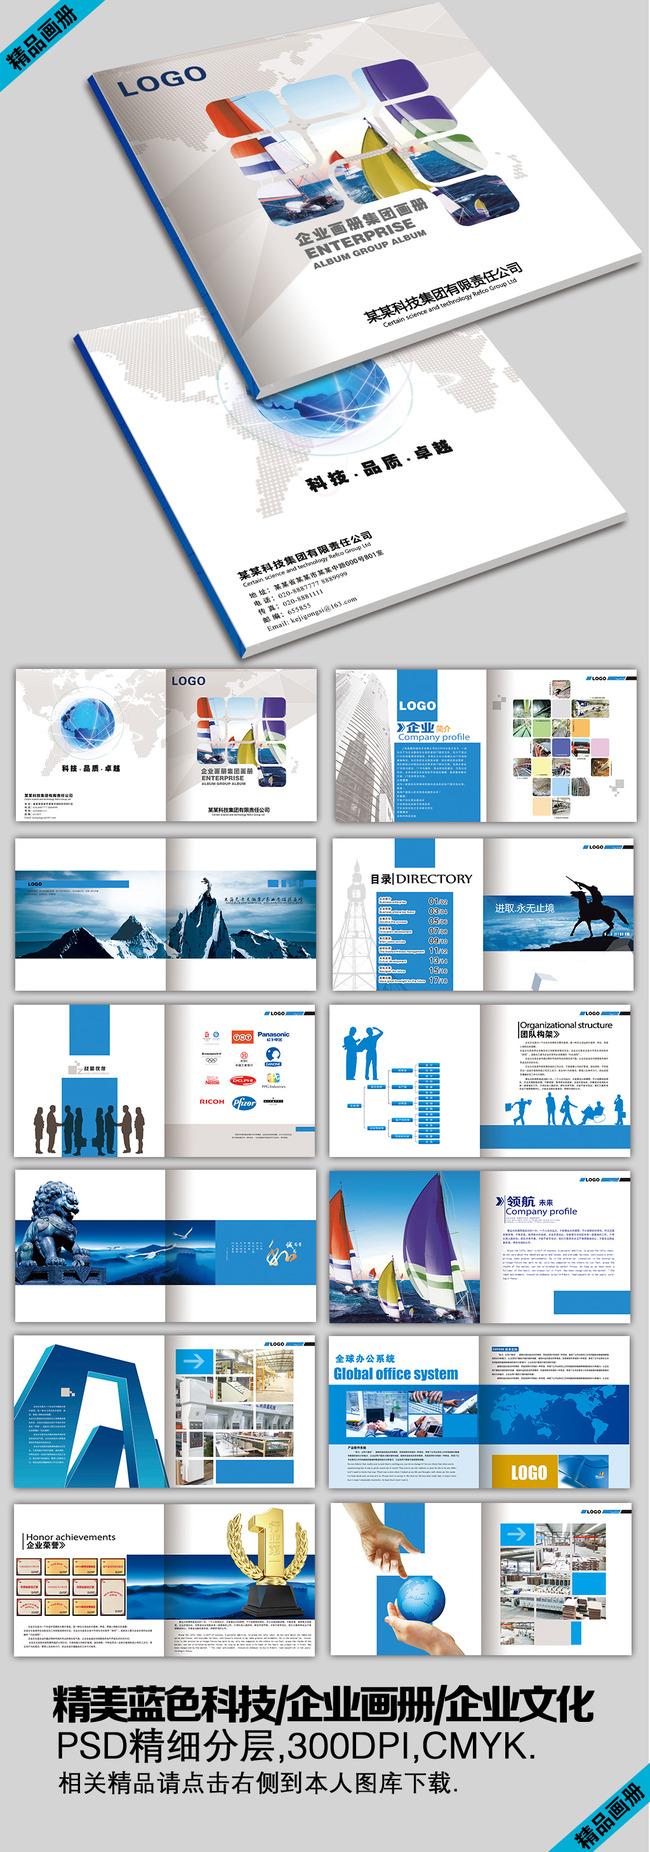 企业画册精美公司形象宣传手册模板设计